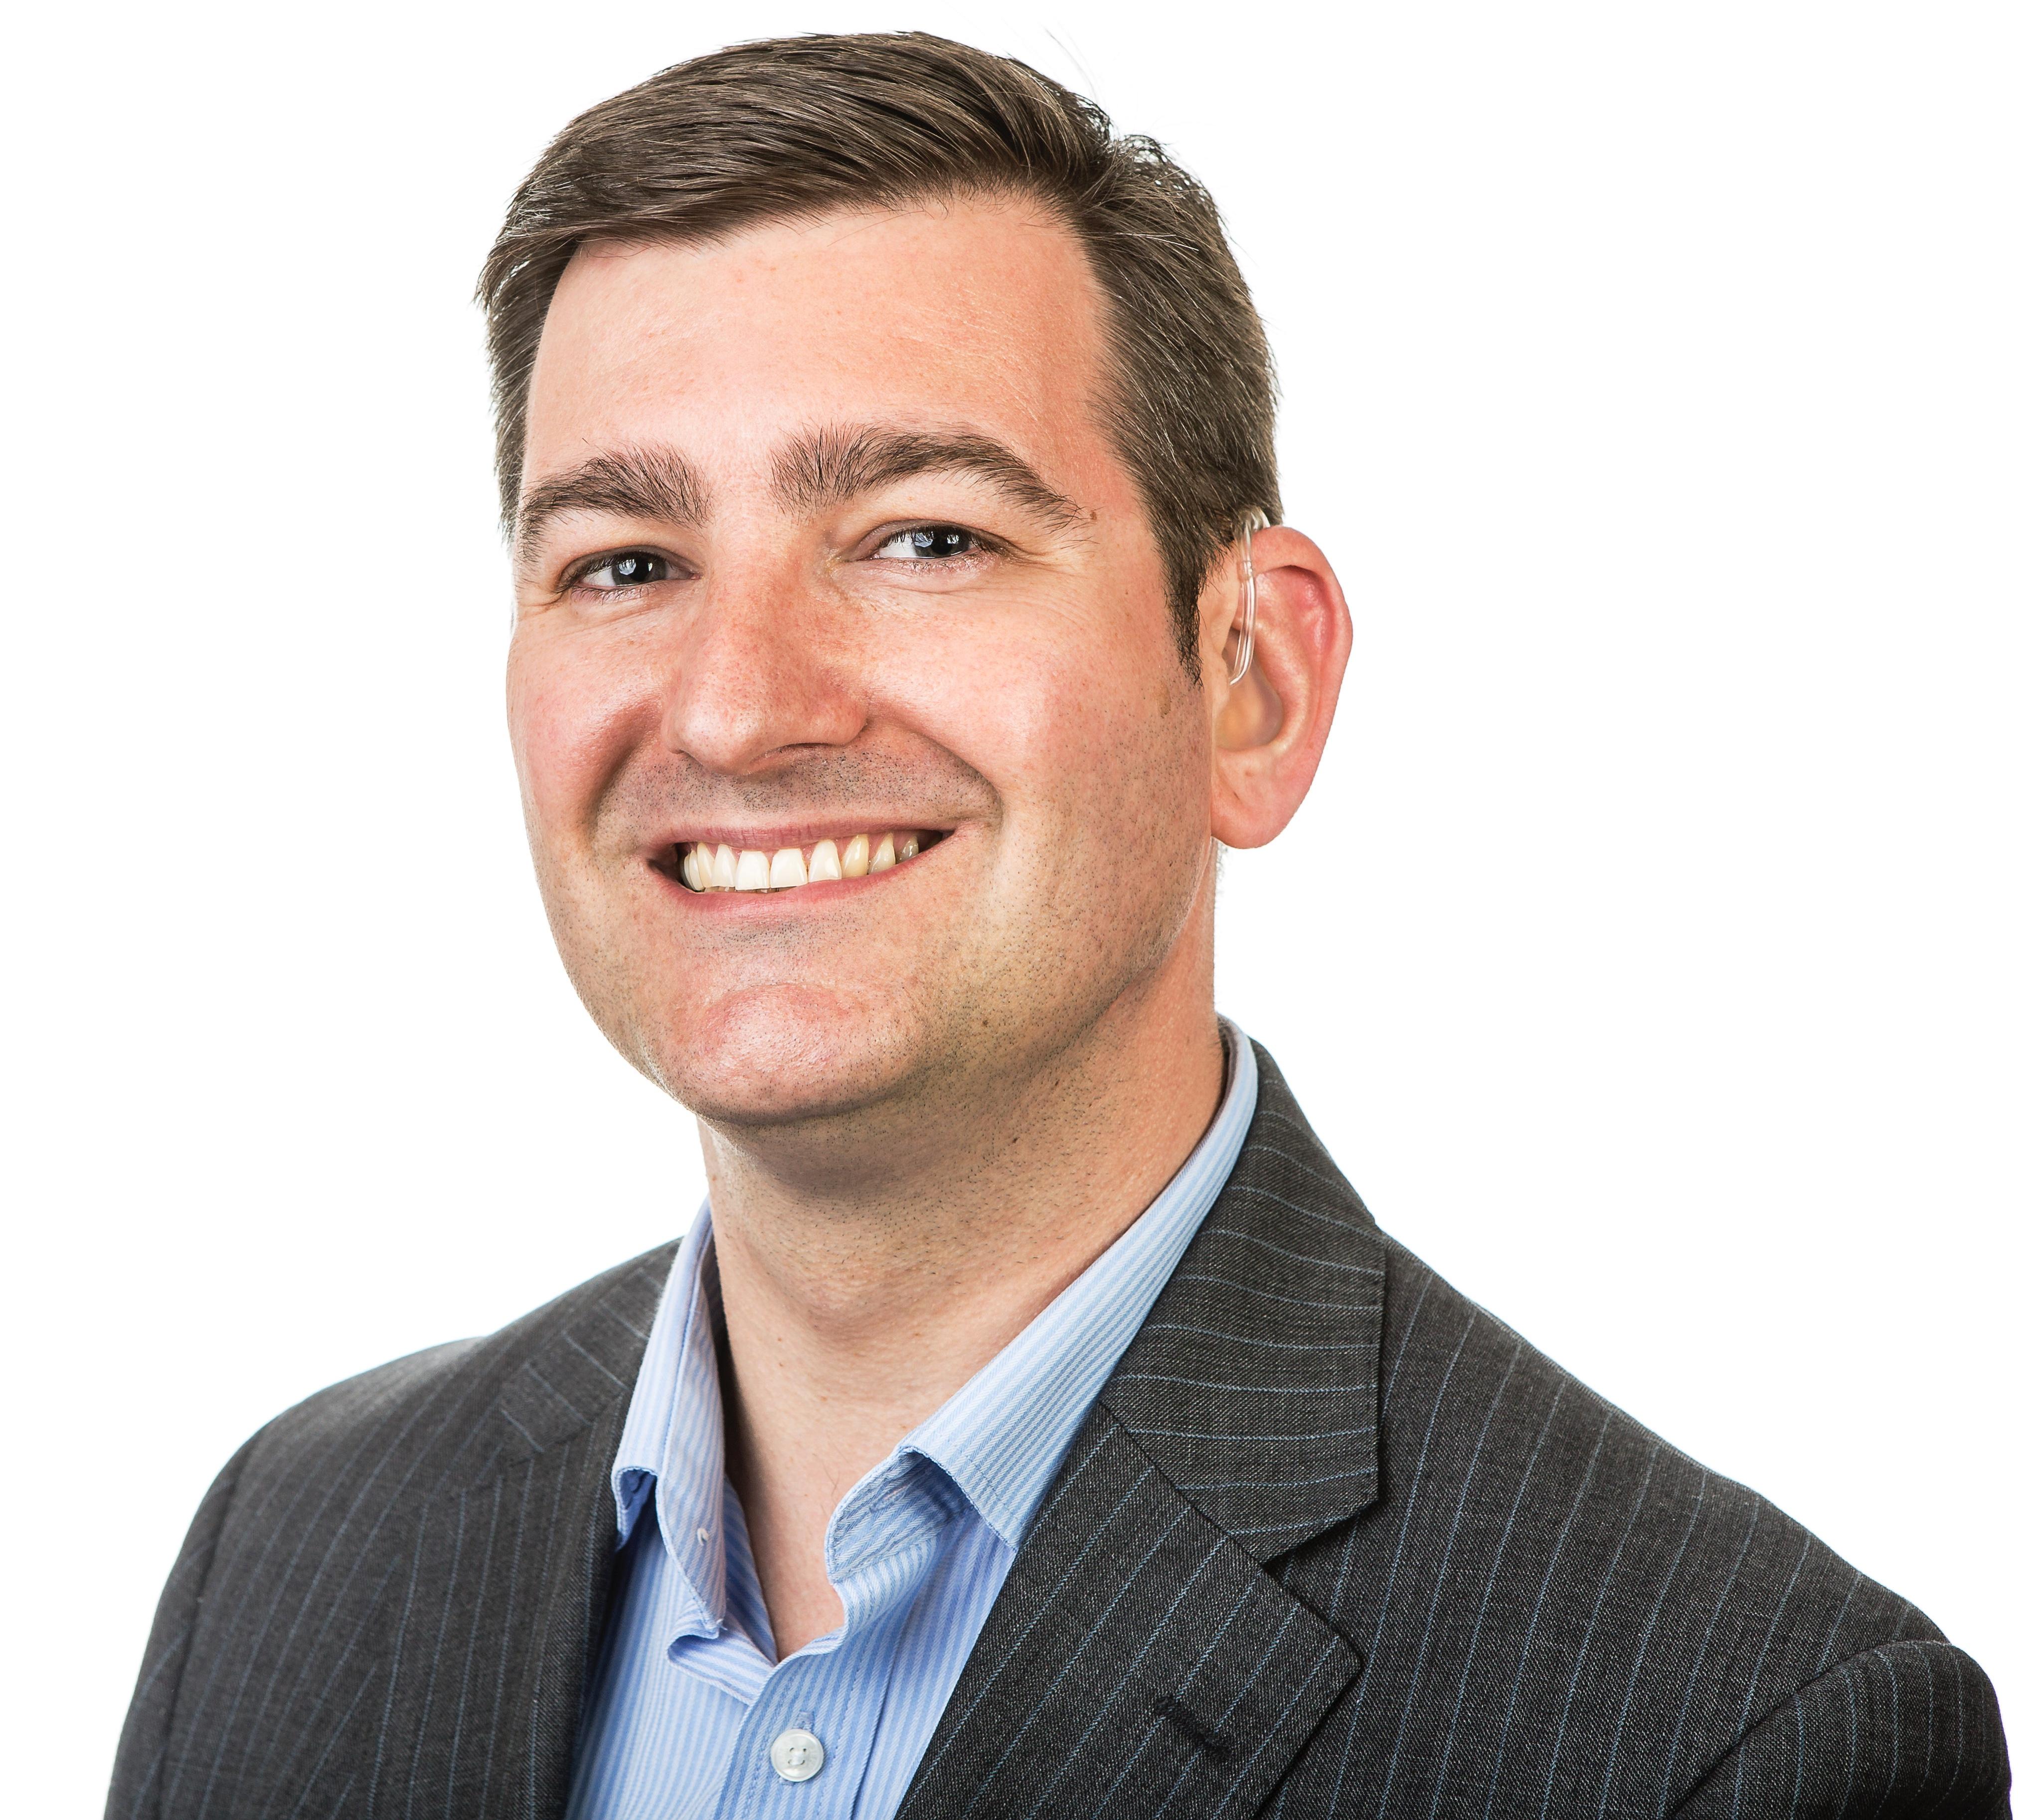 Profile Image of George Eaton